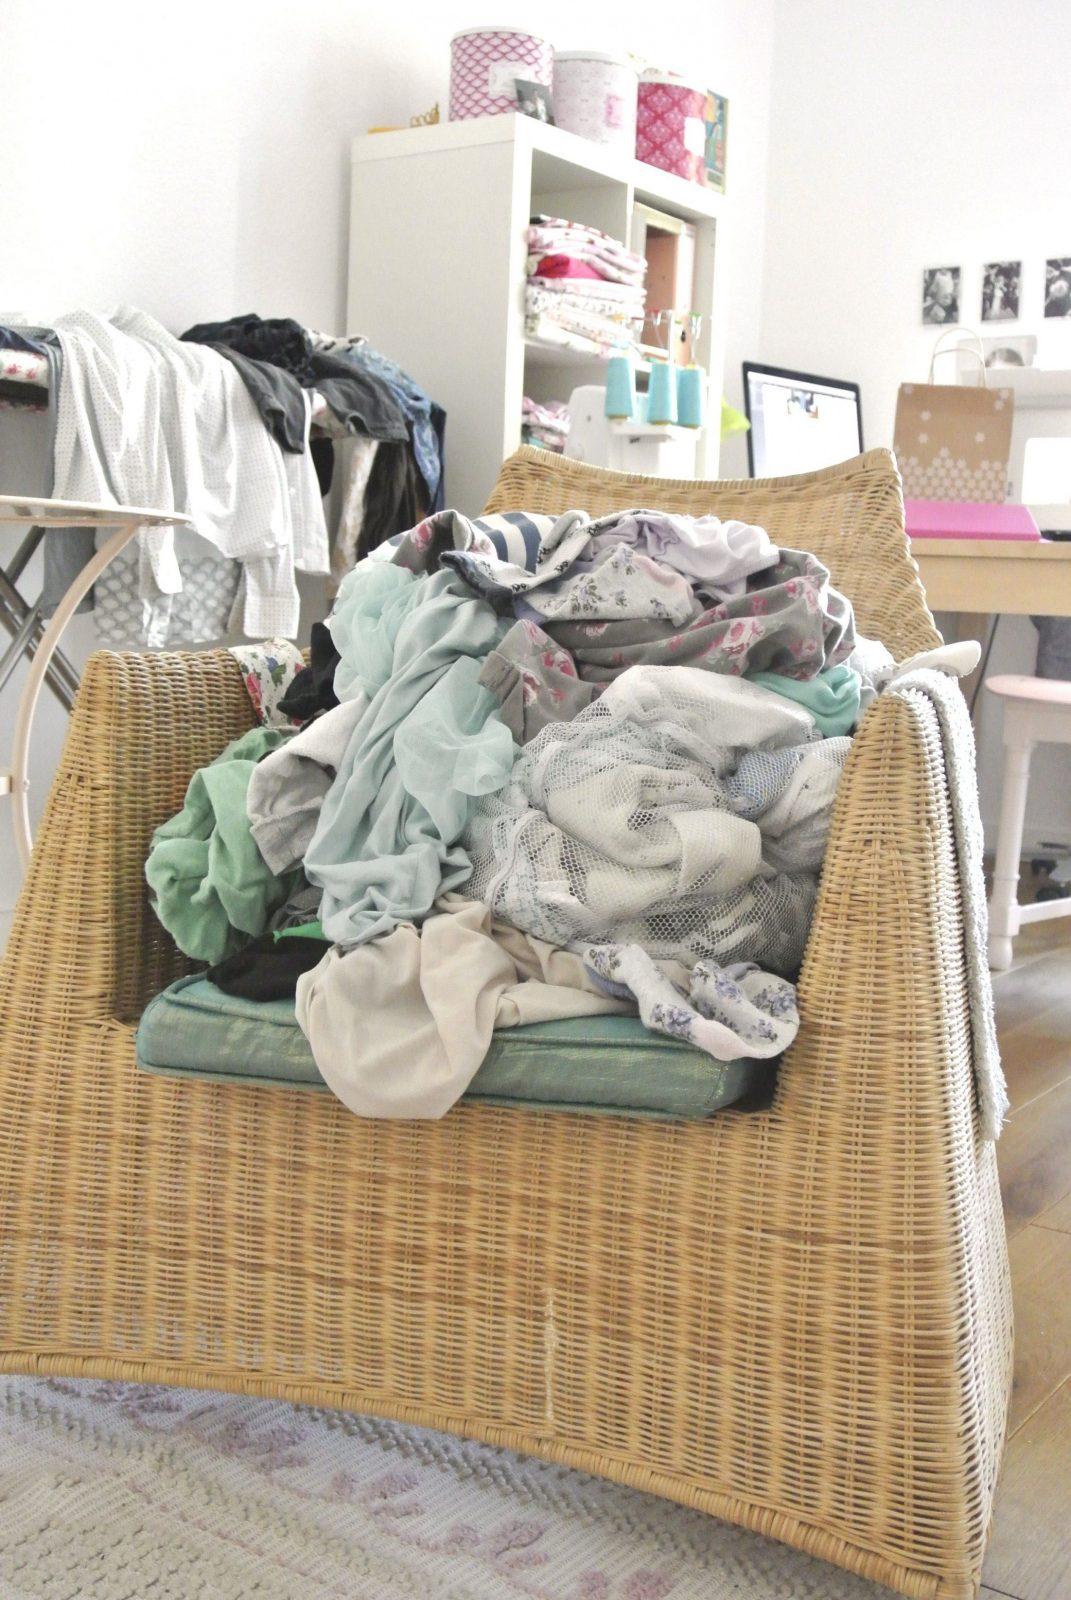 wie oft sollte man bettw sche waschen haus design ideen. Black Bedroom Furniture Sets. Home Design Ideas